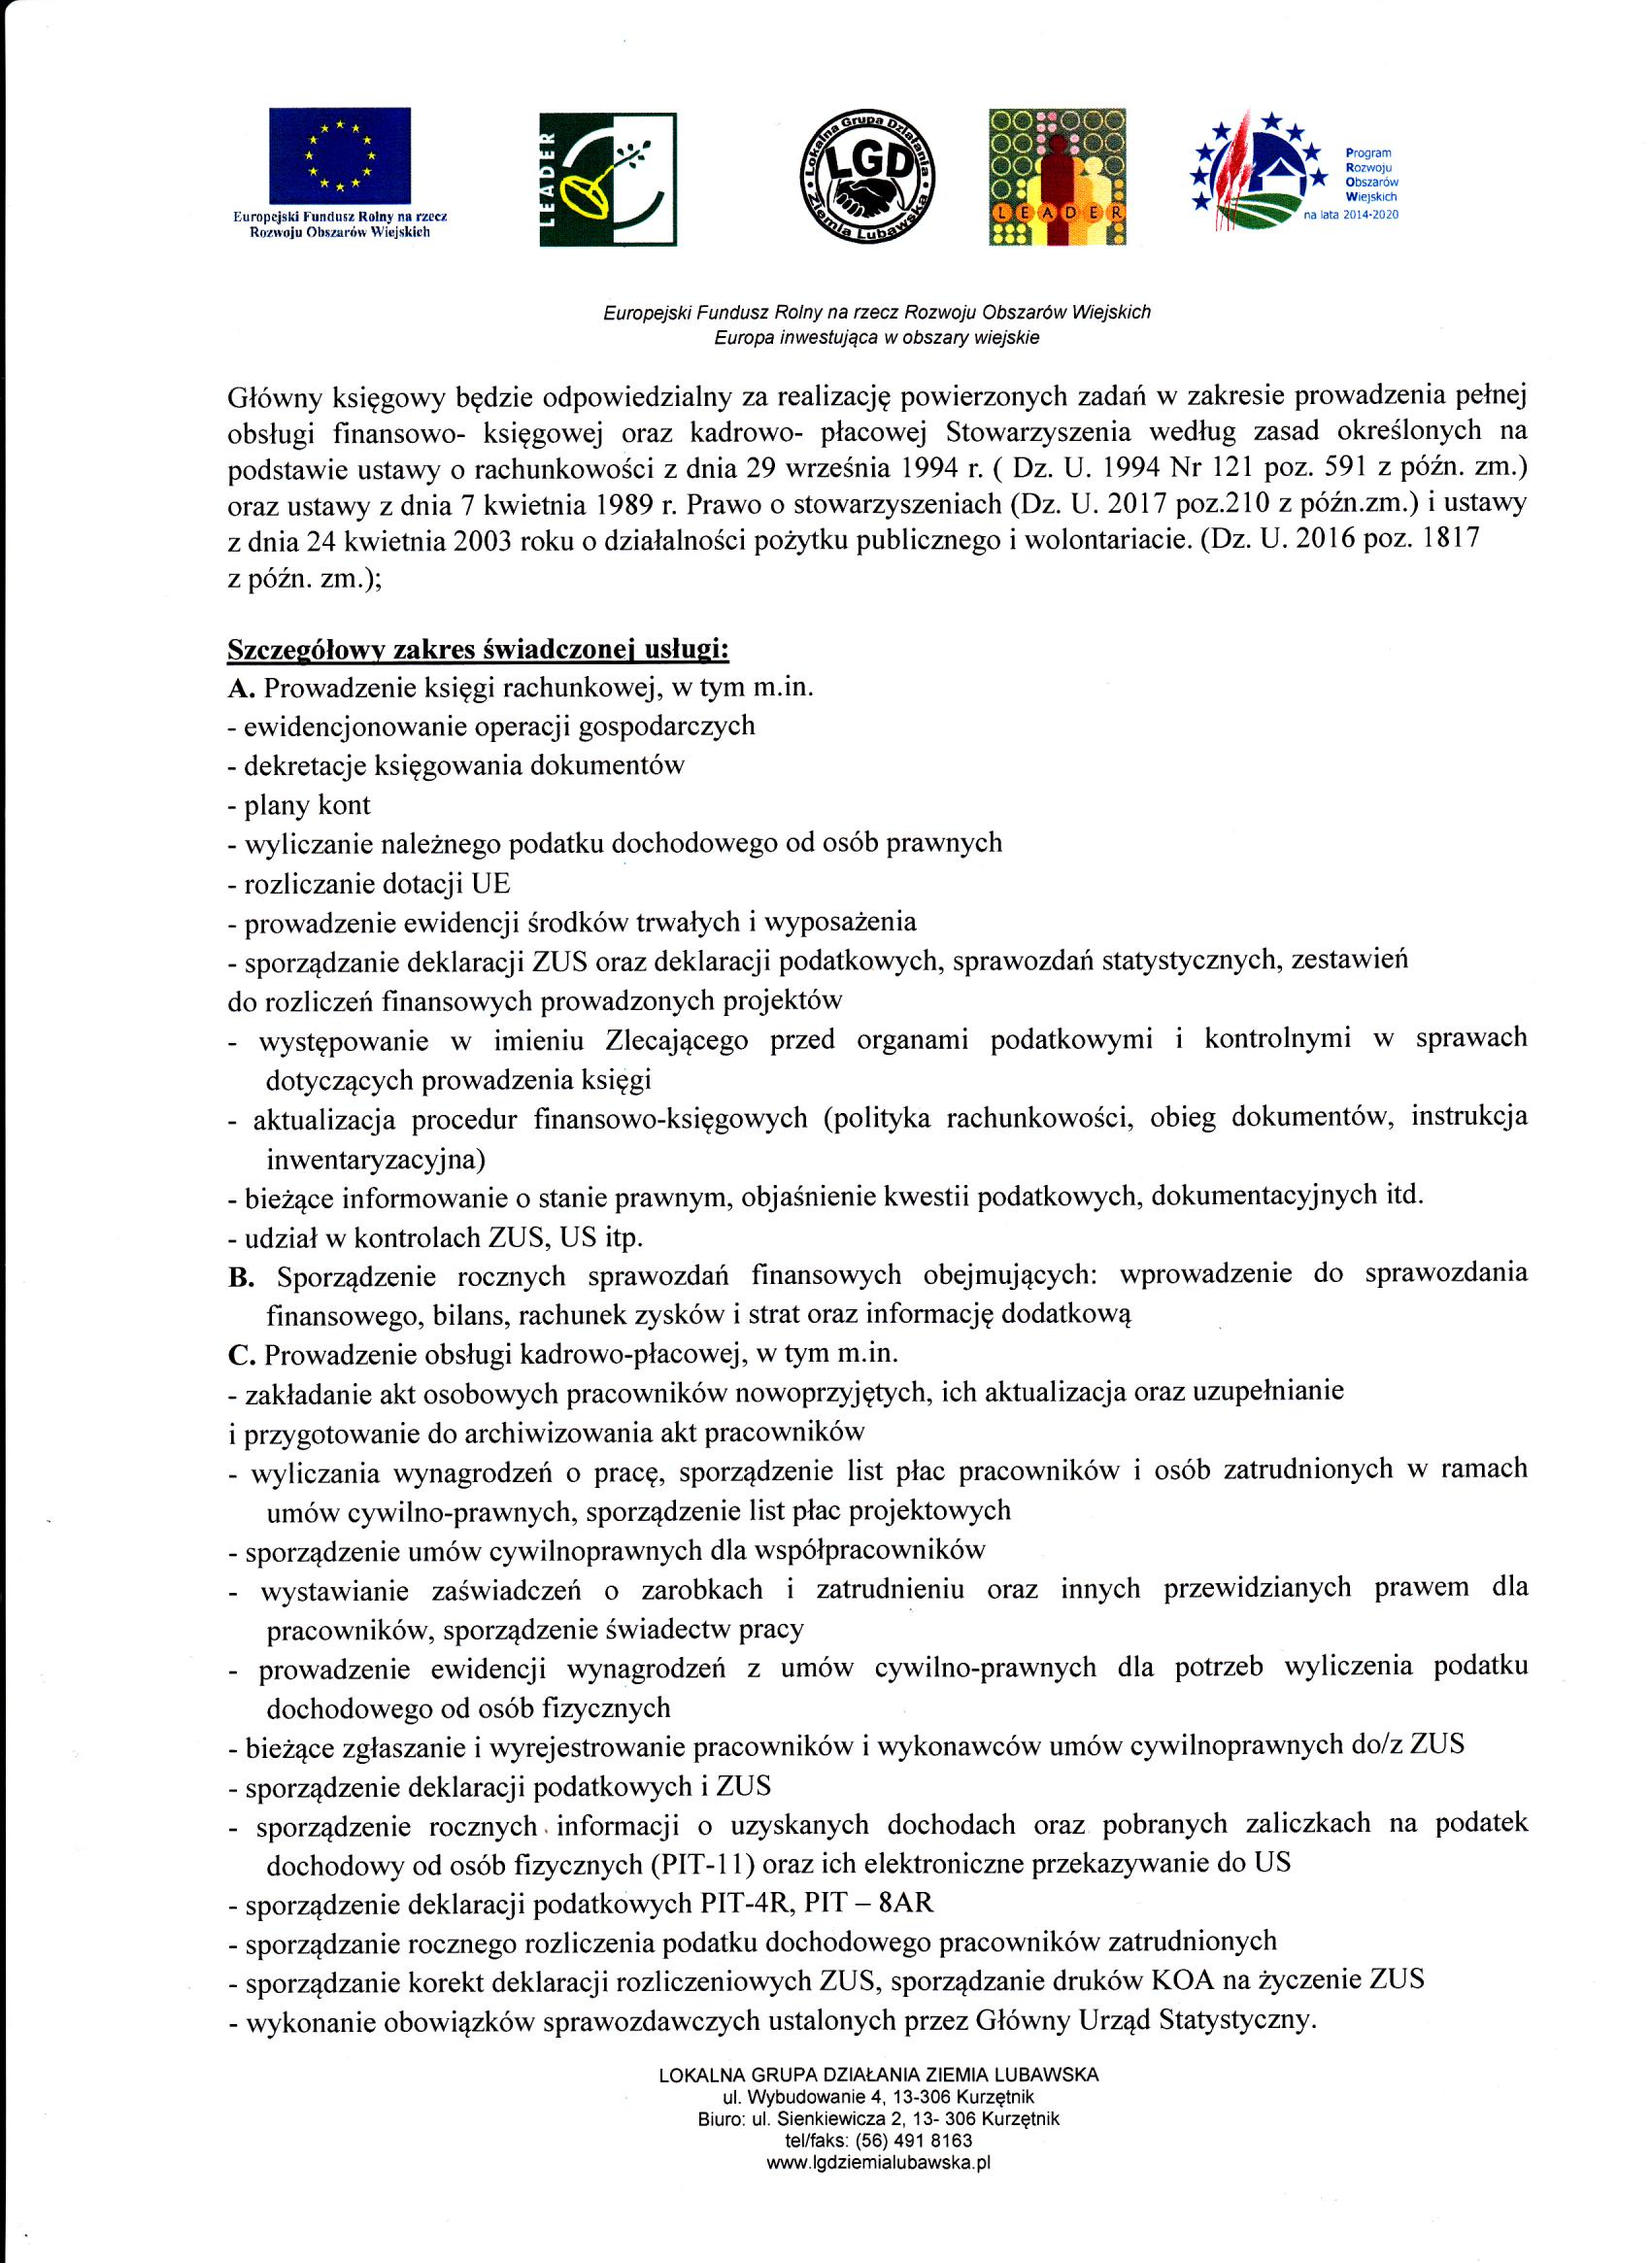 ogłoszenie_o_naborze_na_wolne_stanowisko_pracy_Główny_ksiegowy-2